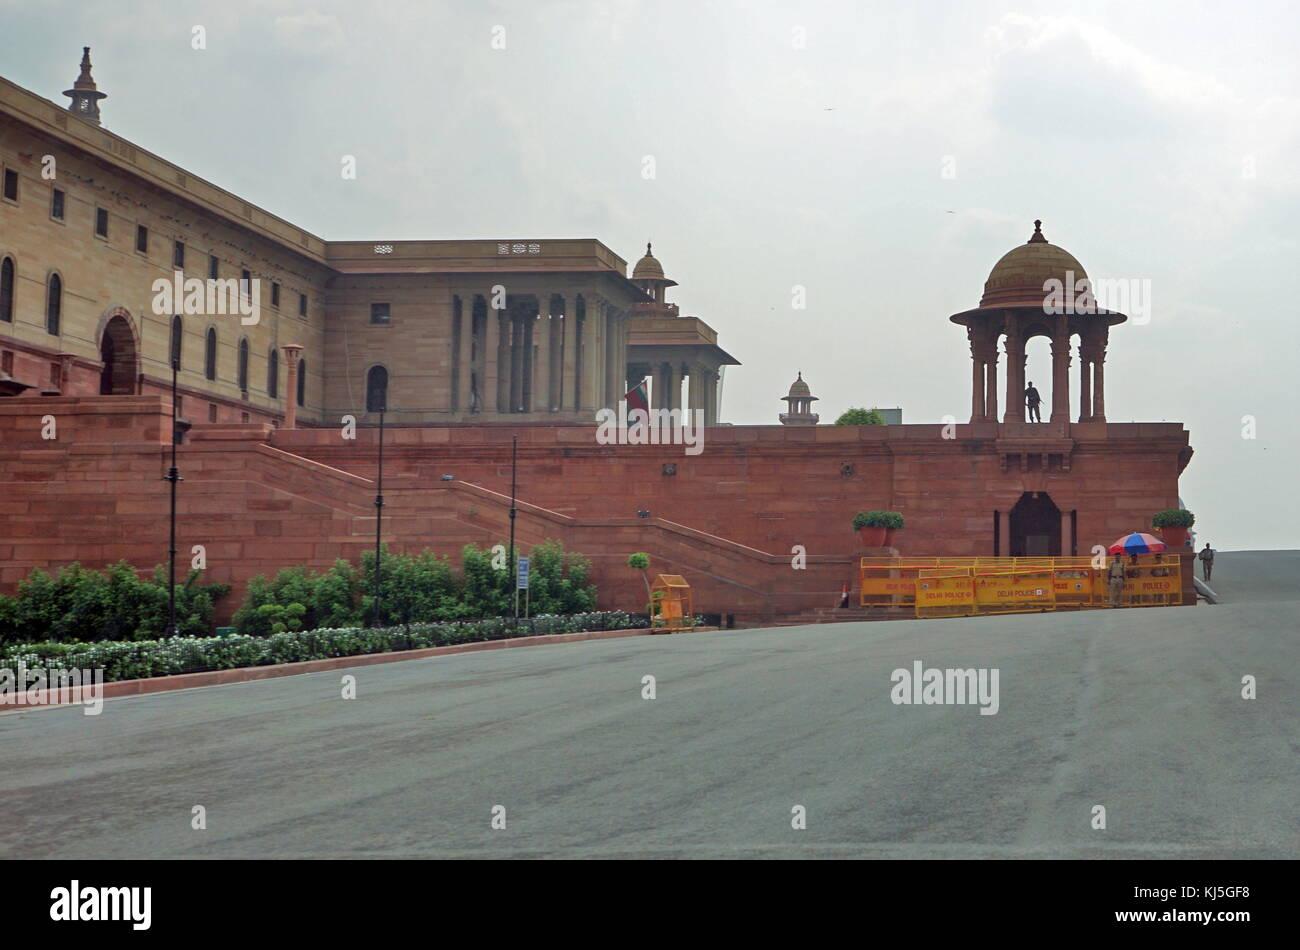 North block secretariat building stock photos north block secretariat building stock images - Cabinet secretariat govt of india ...